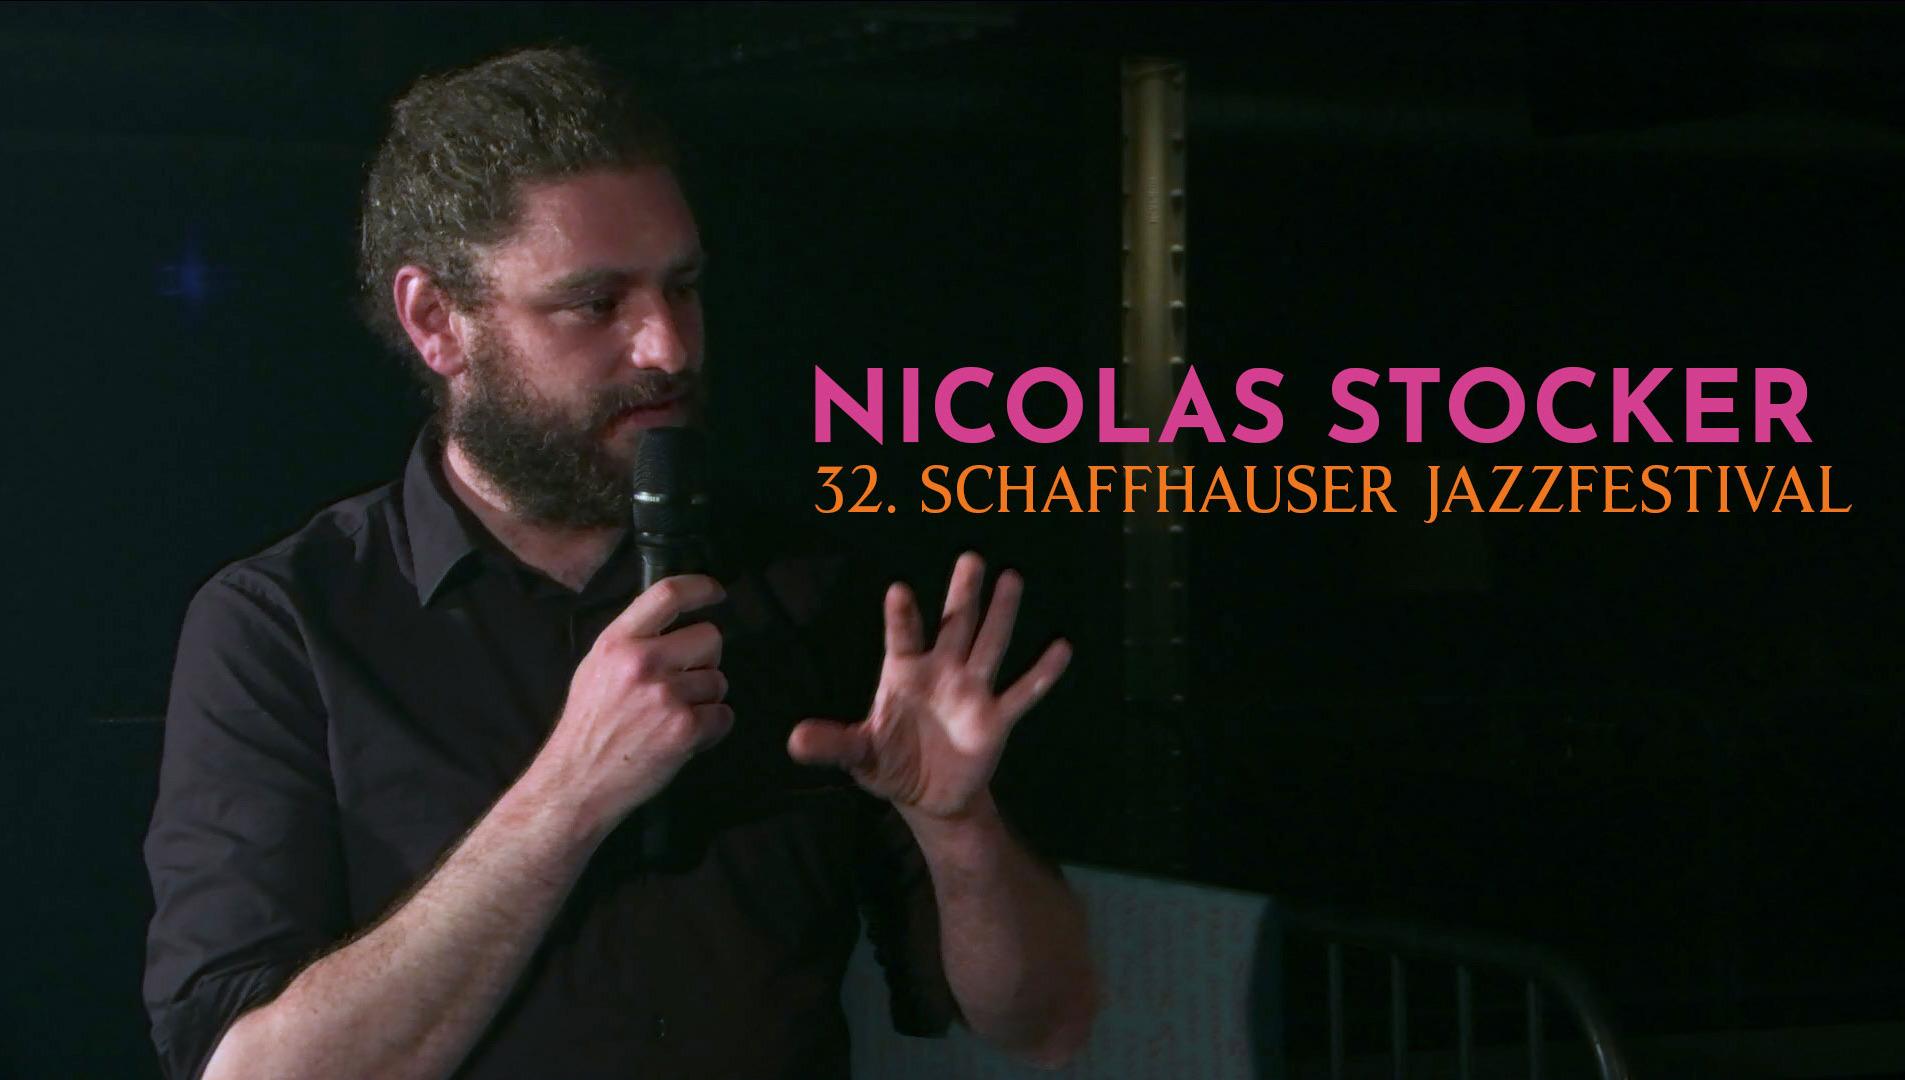 Nicolas Stocker